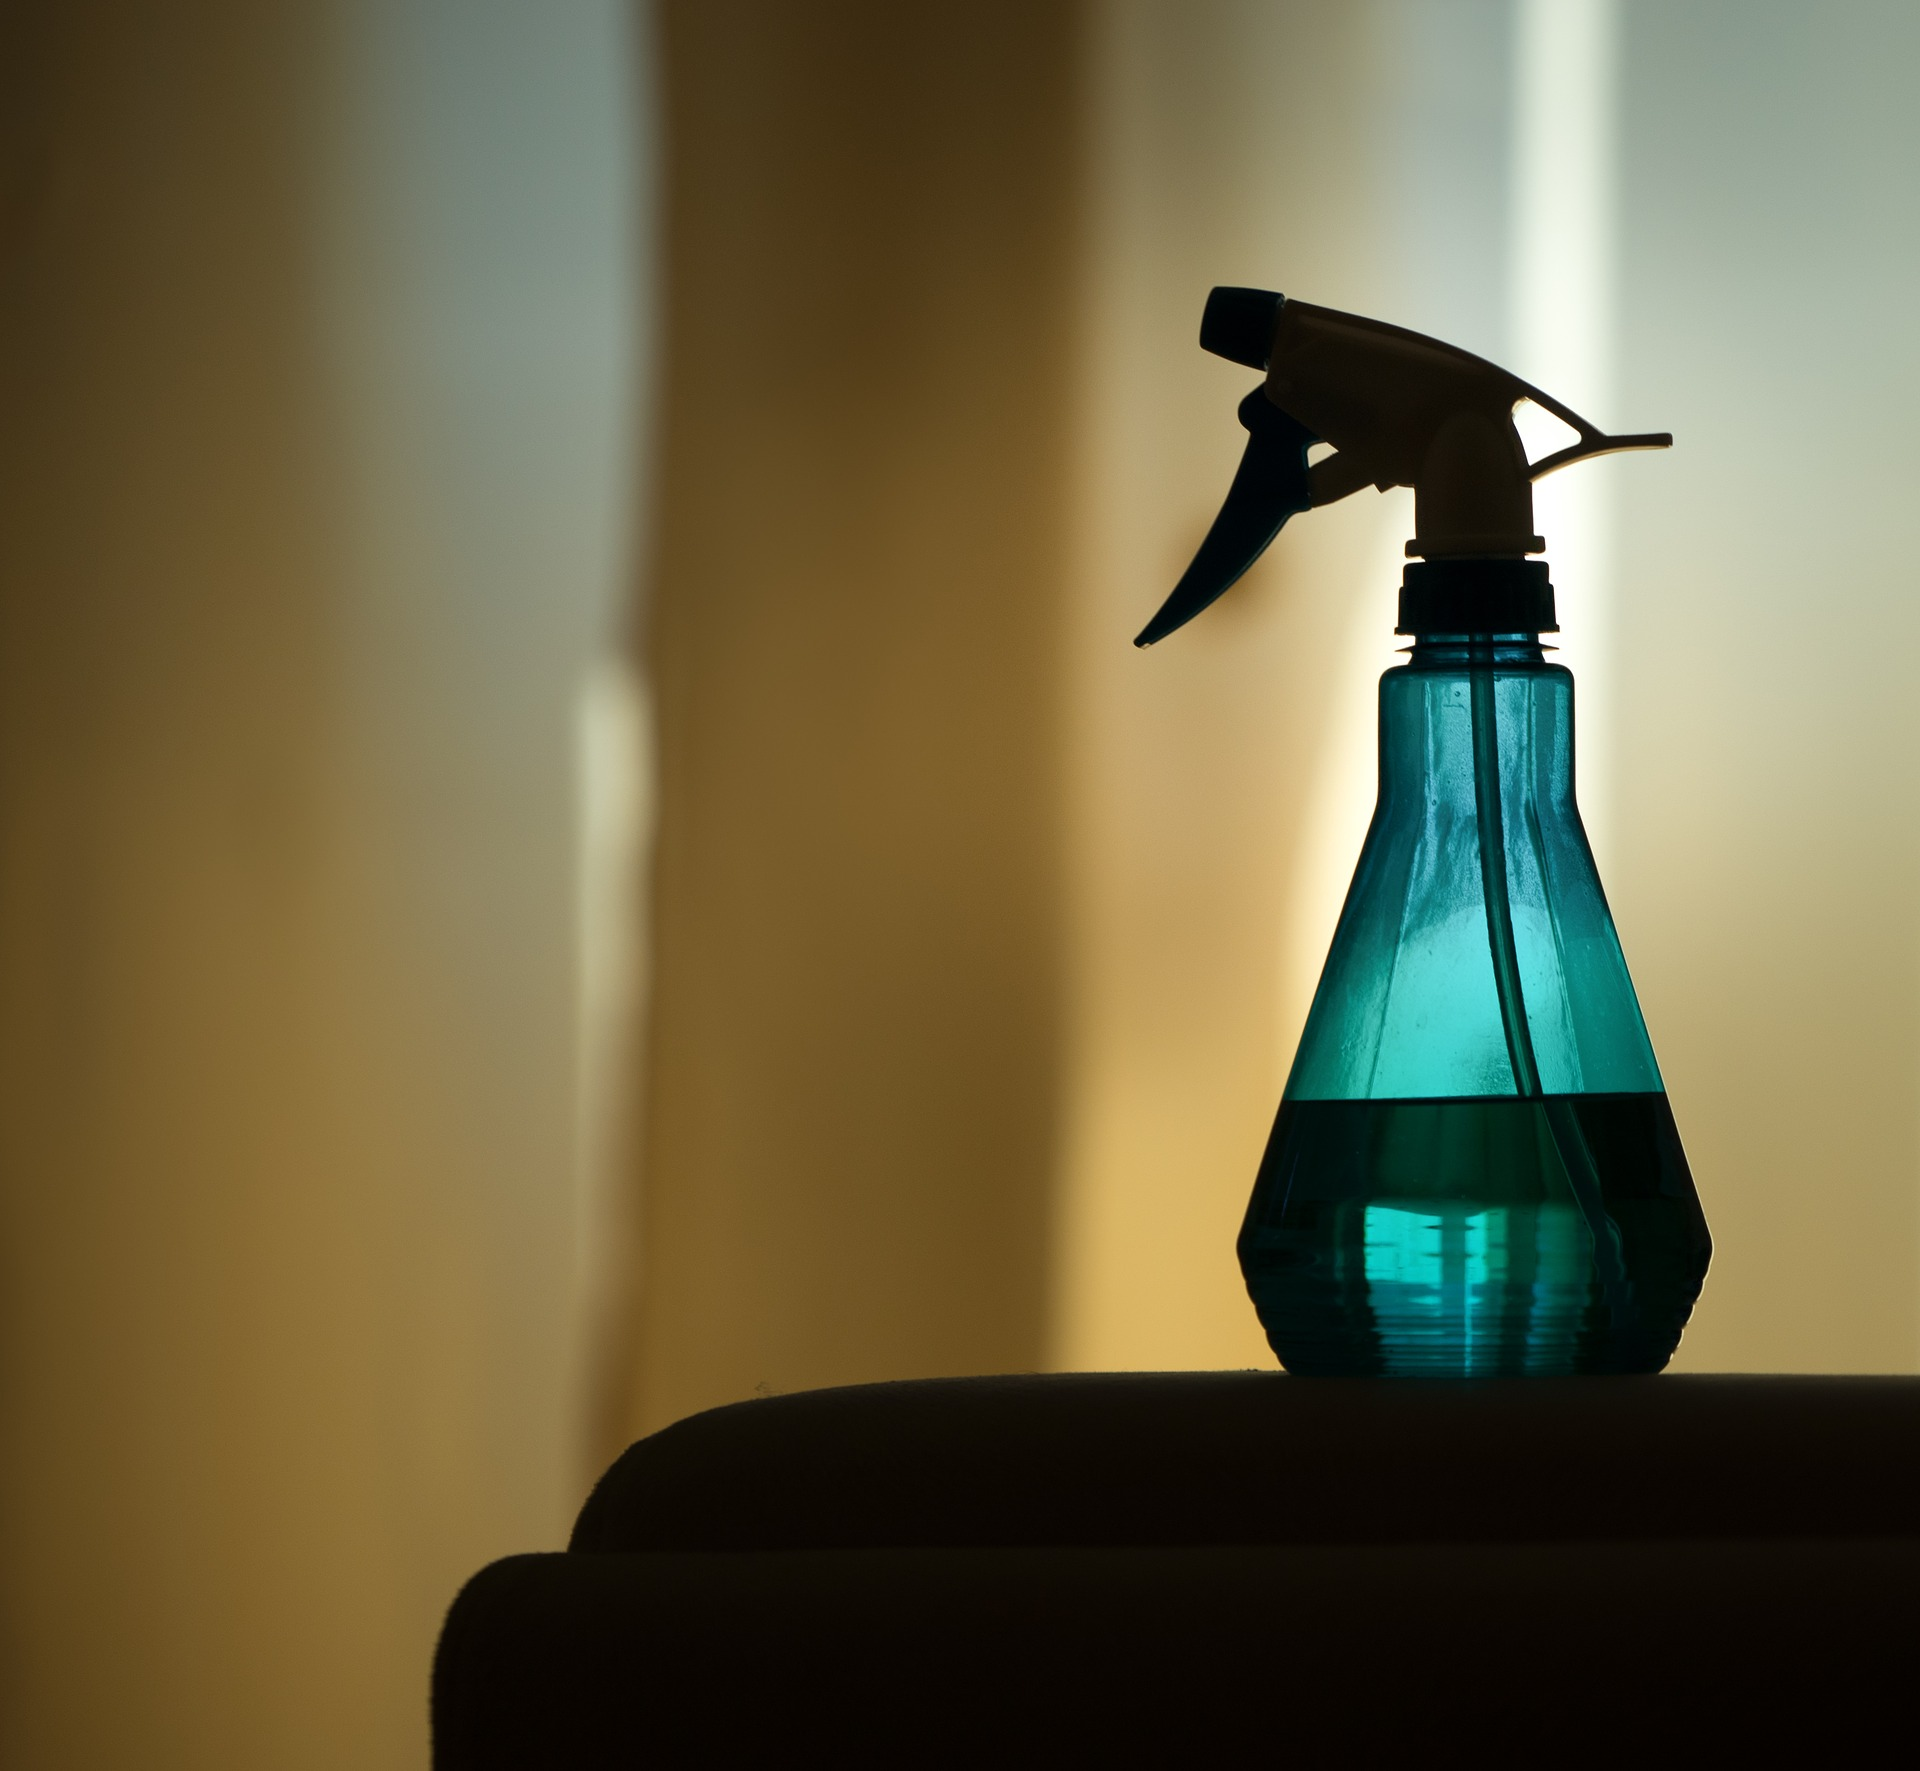 Effektive Mikroorganismen in der Sprühflasche